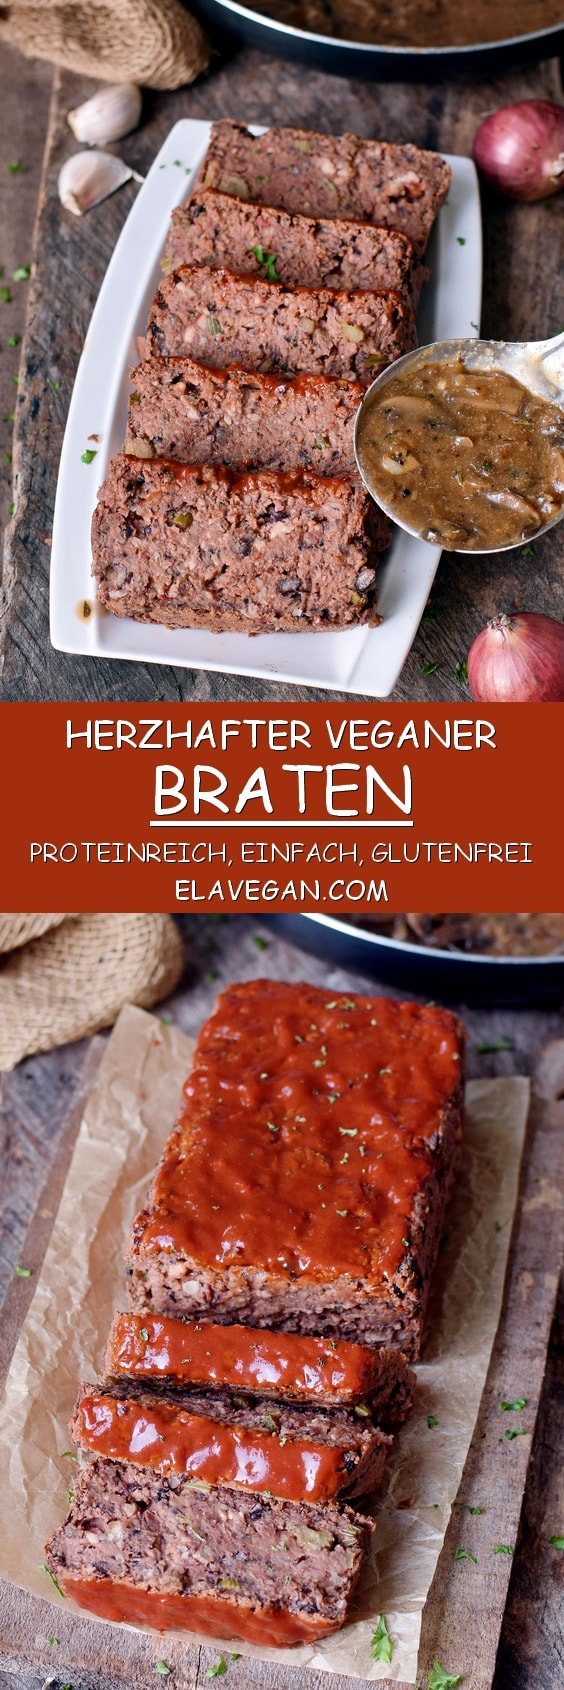 Veganer Braten (proteinreich, glutenfrei, einfach) mit Pilzsoße Pinterest Collage